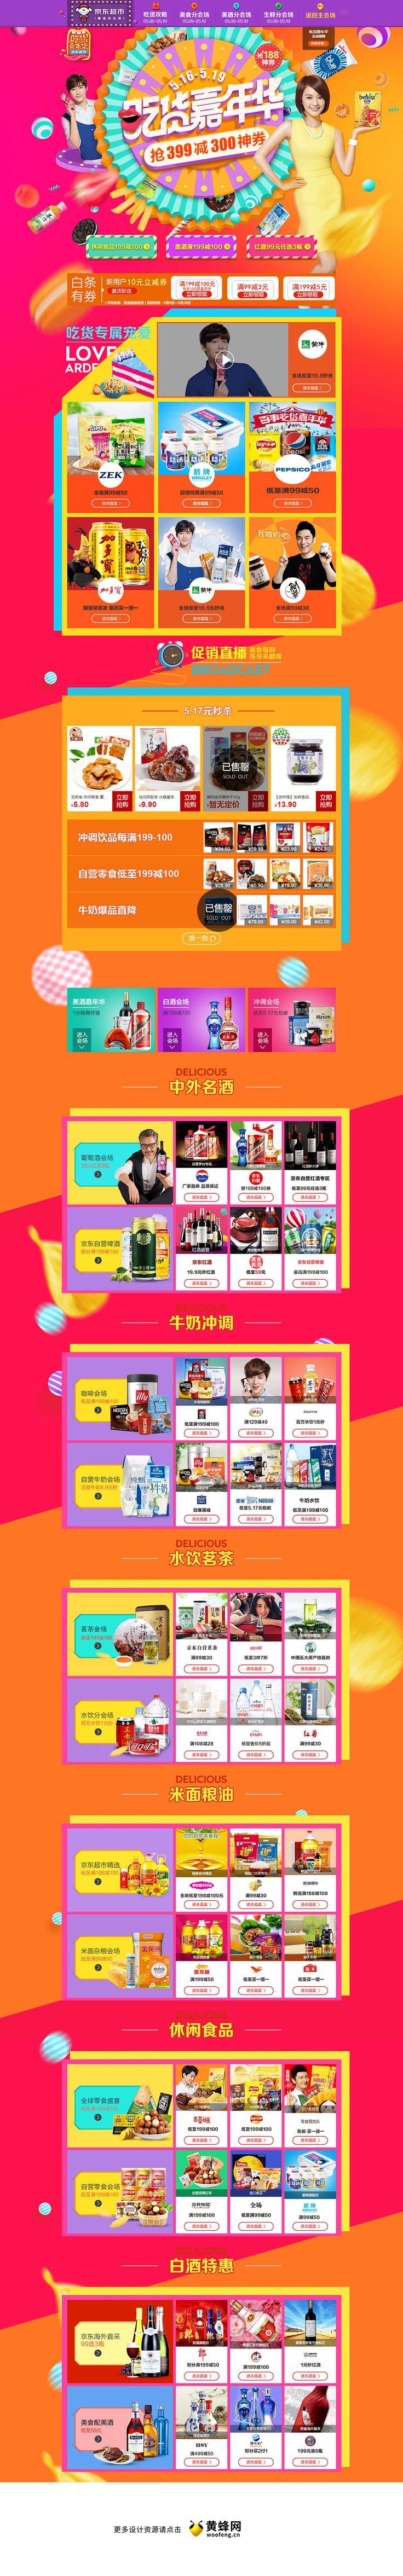 京东超市吃货嘉年华主会场 食品零食营养保健品活动页面设计